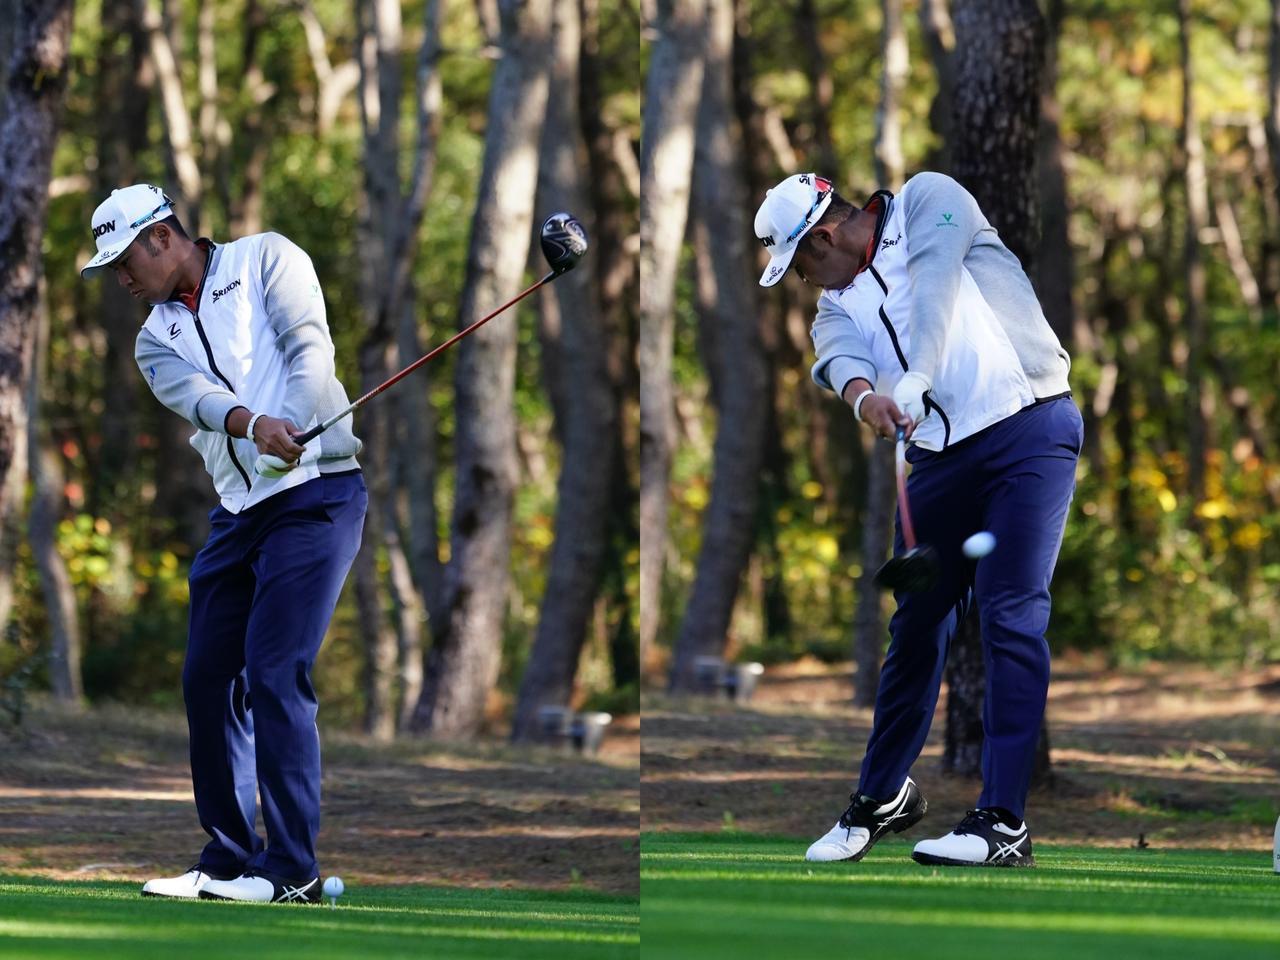 """画像: ボールの後ろで素振りをし(写真左)、ショットに臨む松山英樹。プロは、ショット前の""""手順""""を一定にしている場合が多くある(写真は2018年のダンロップフェニックス 撮影/姉崎正)"""